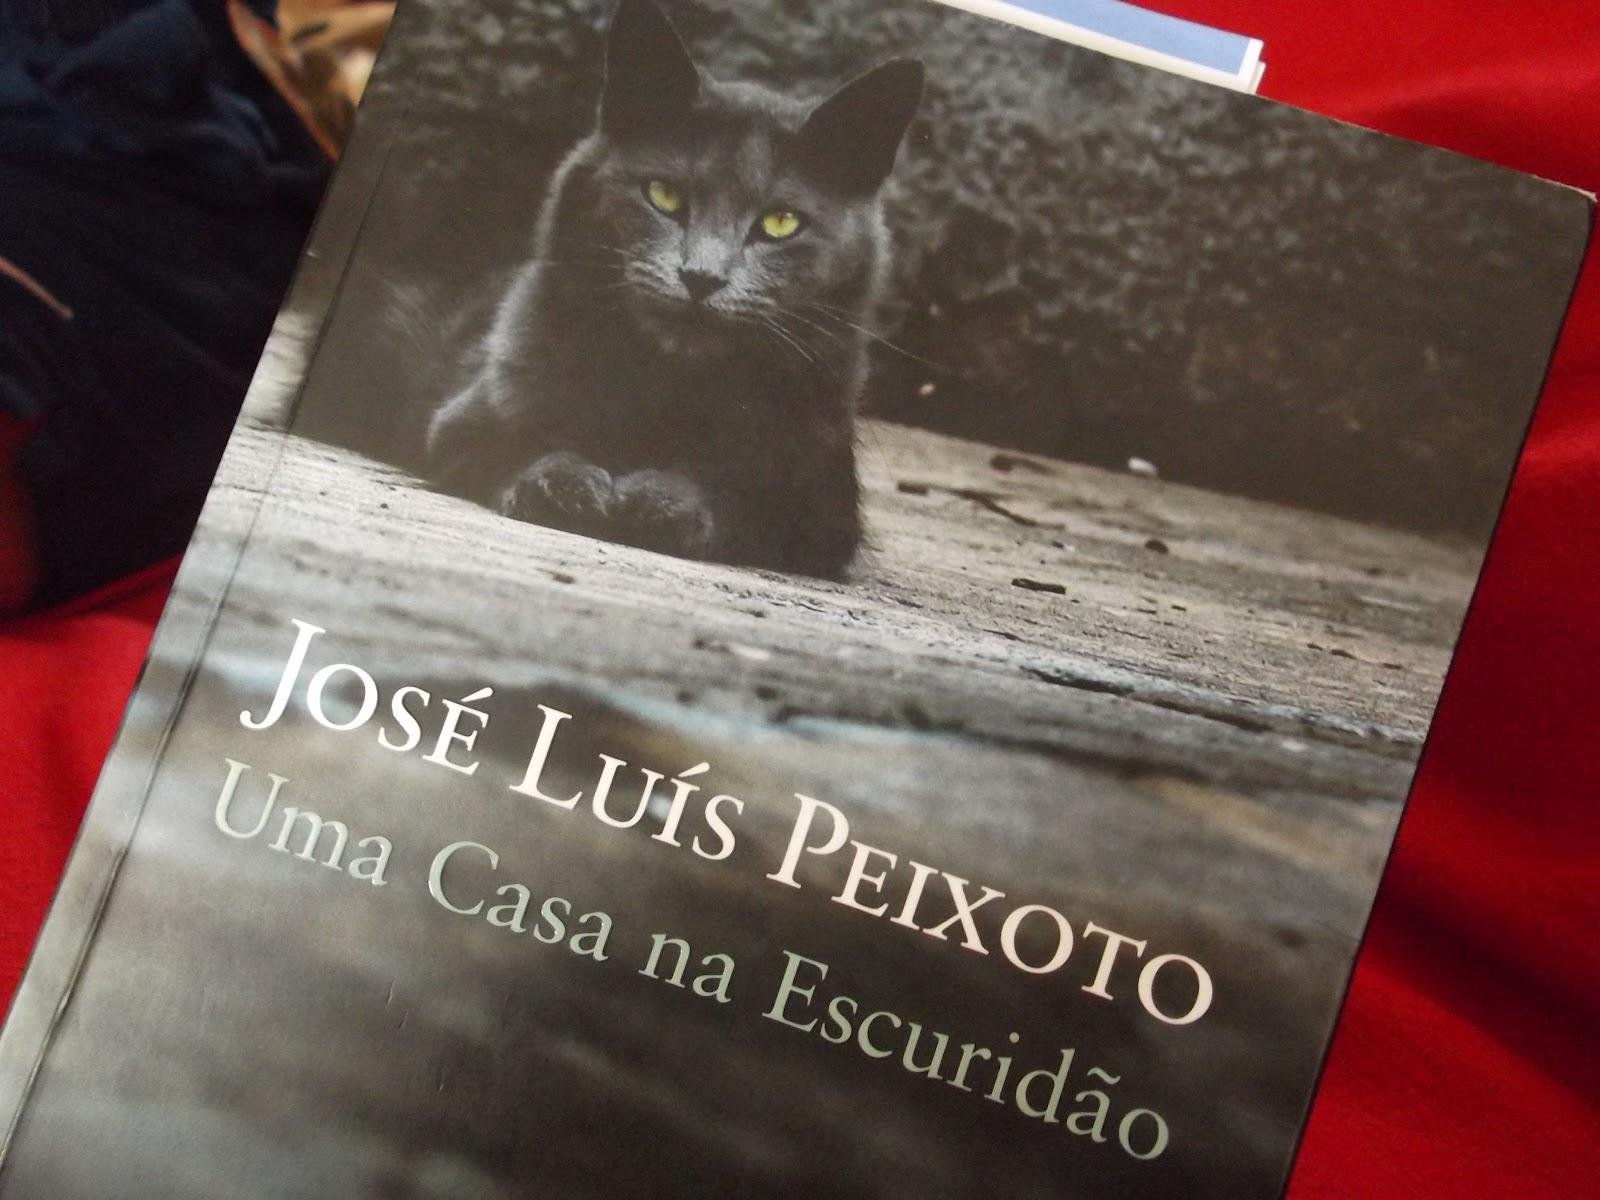 Bloqueio Mental: Uma Casa na Escuridão de José Luís Peixoto #B80F16 1600x1200